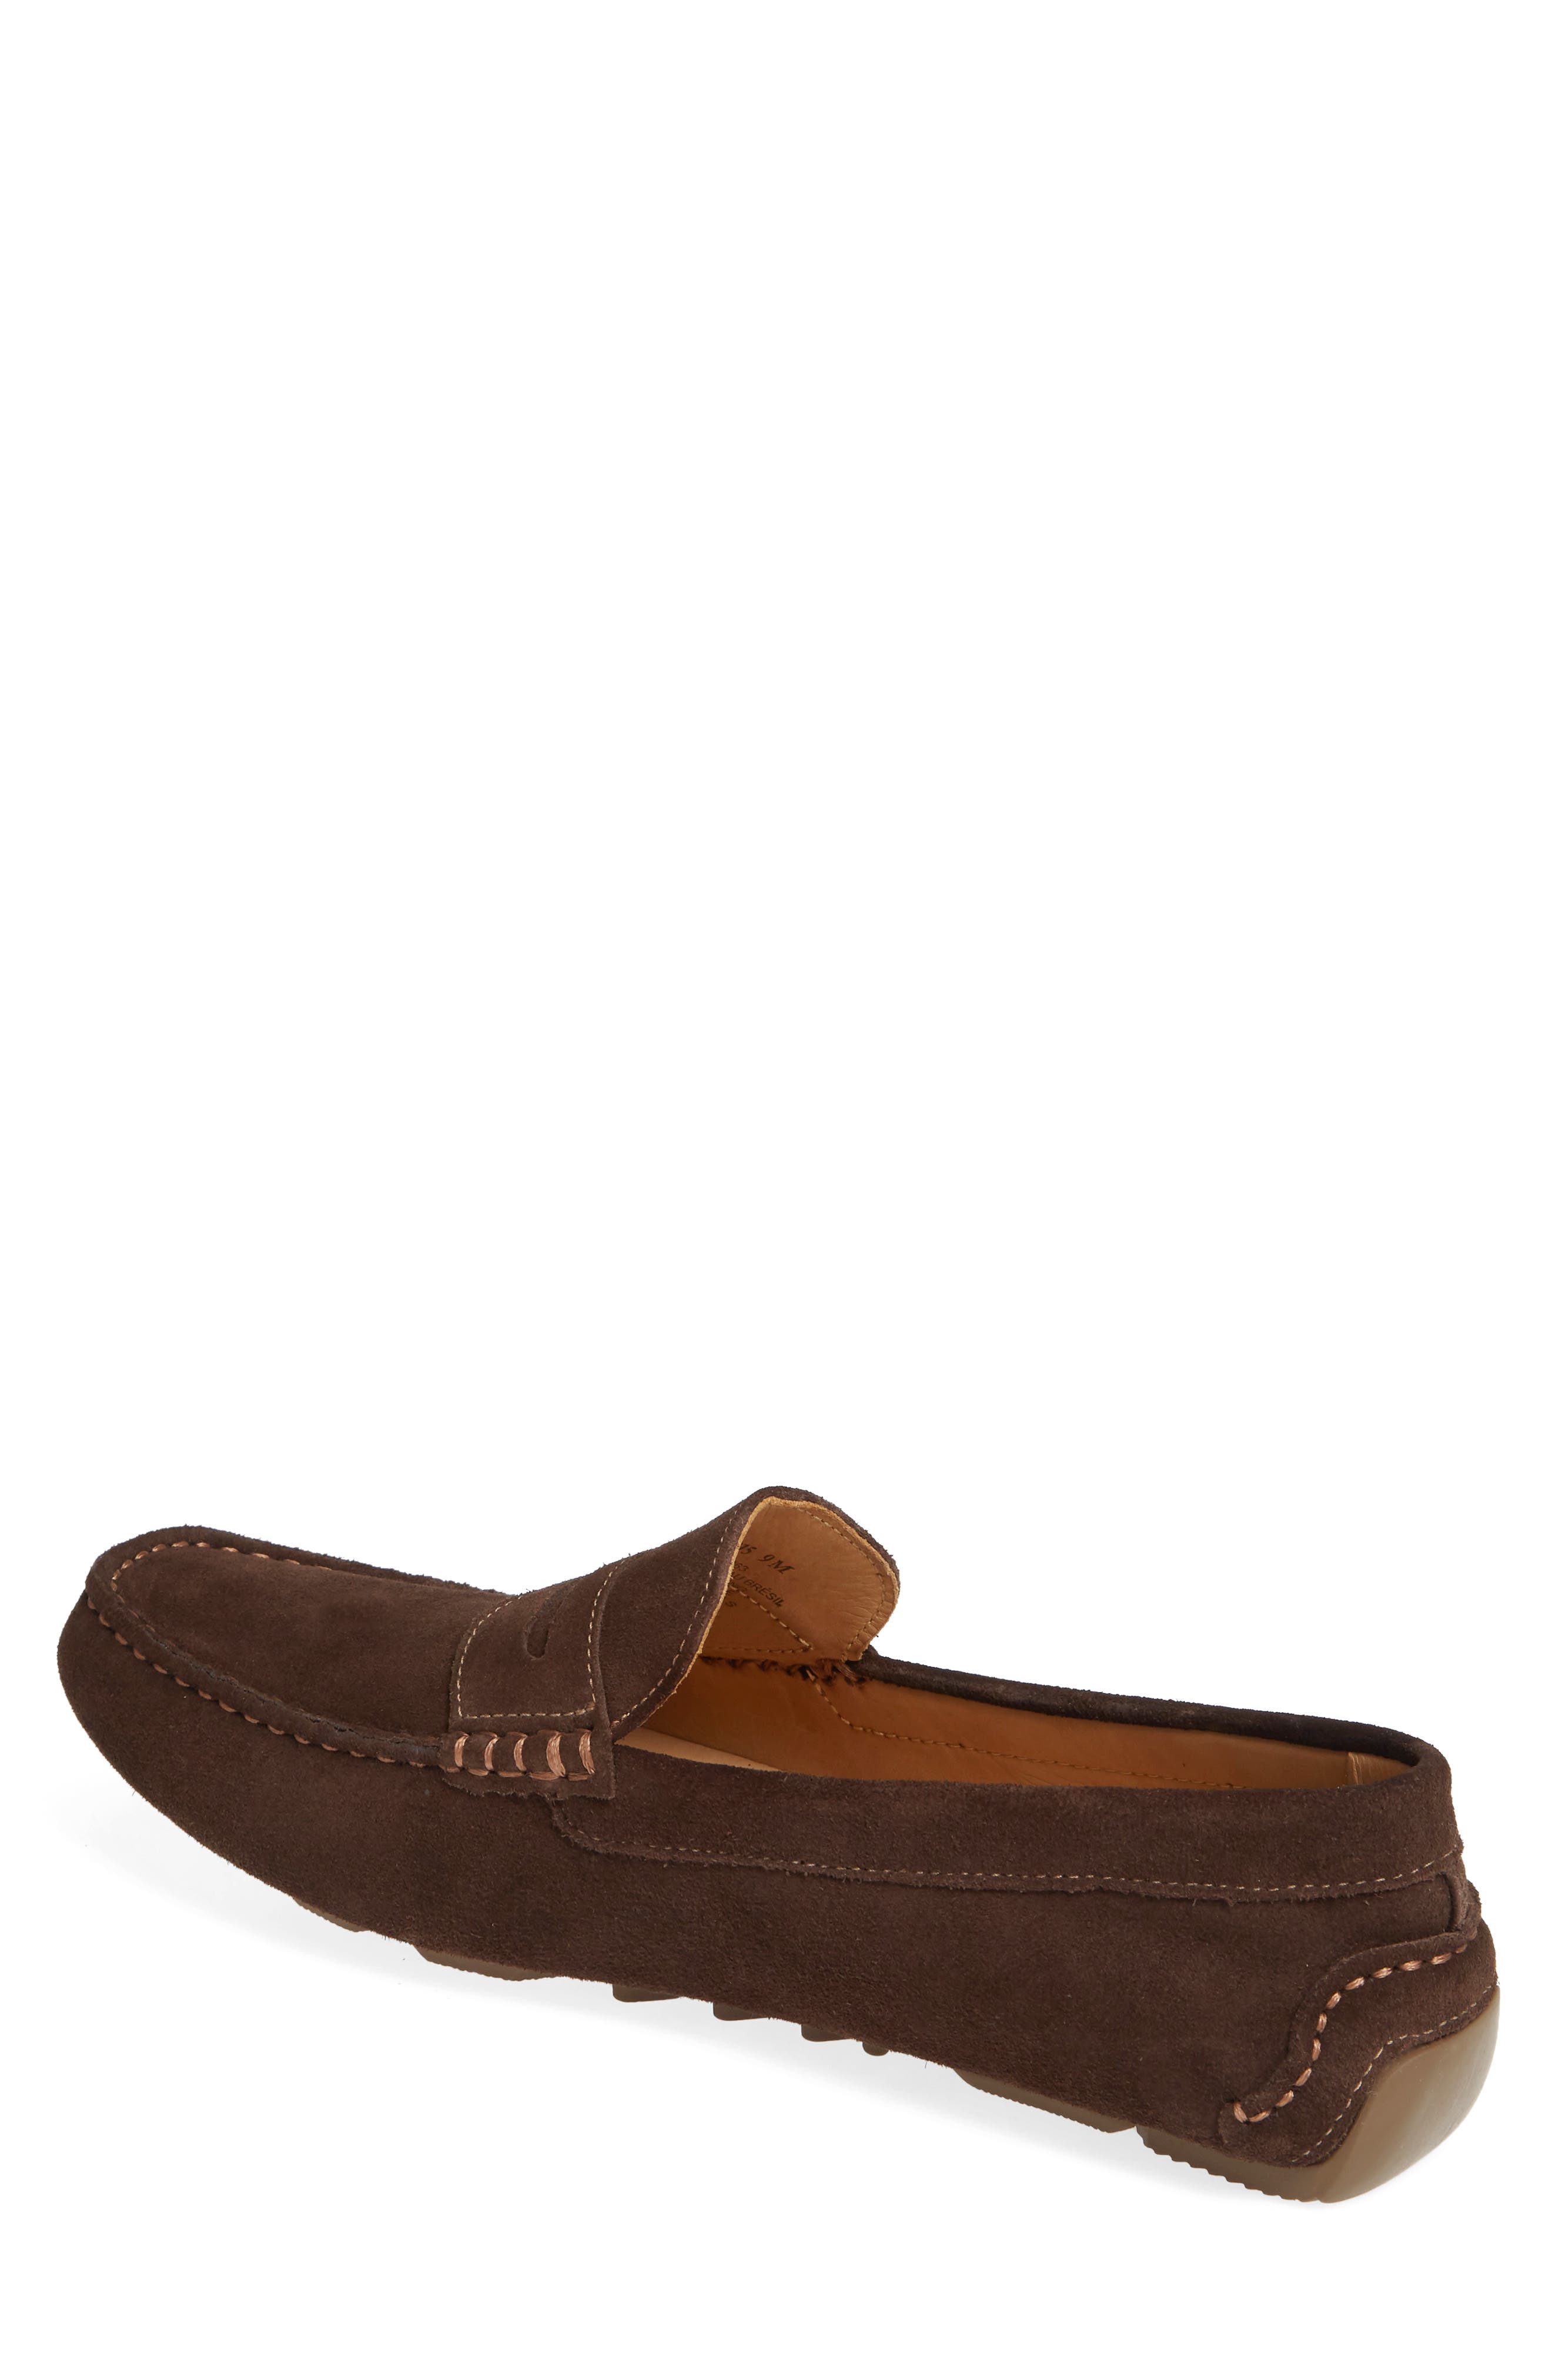 b19335c513ce Men s 1901 Shoes